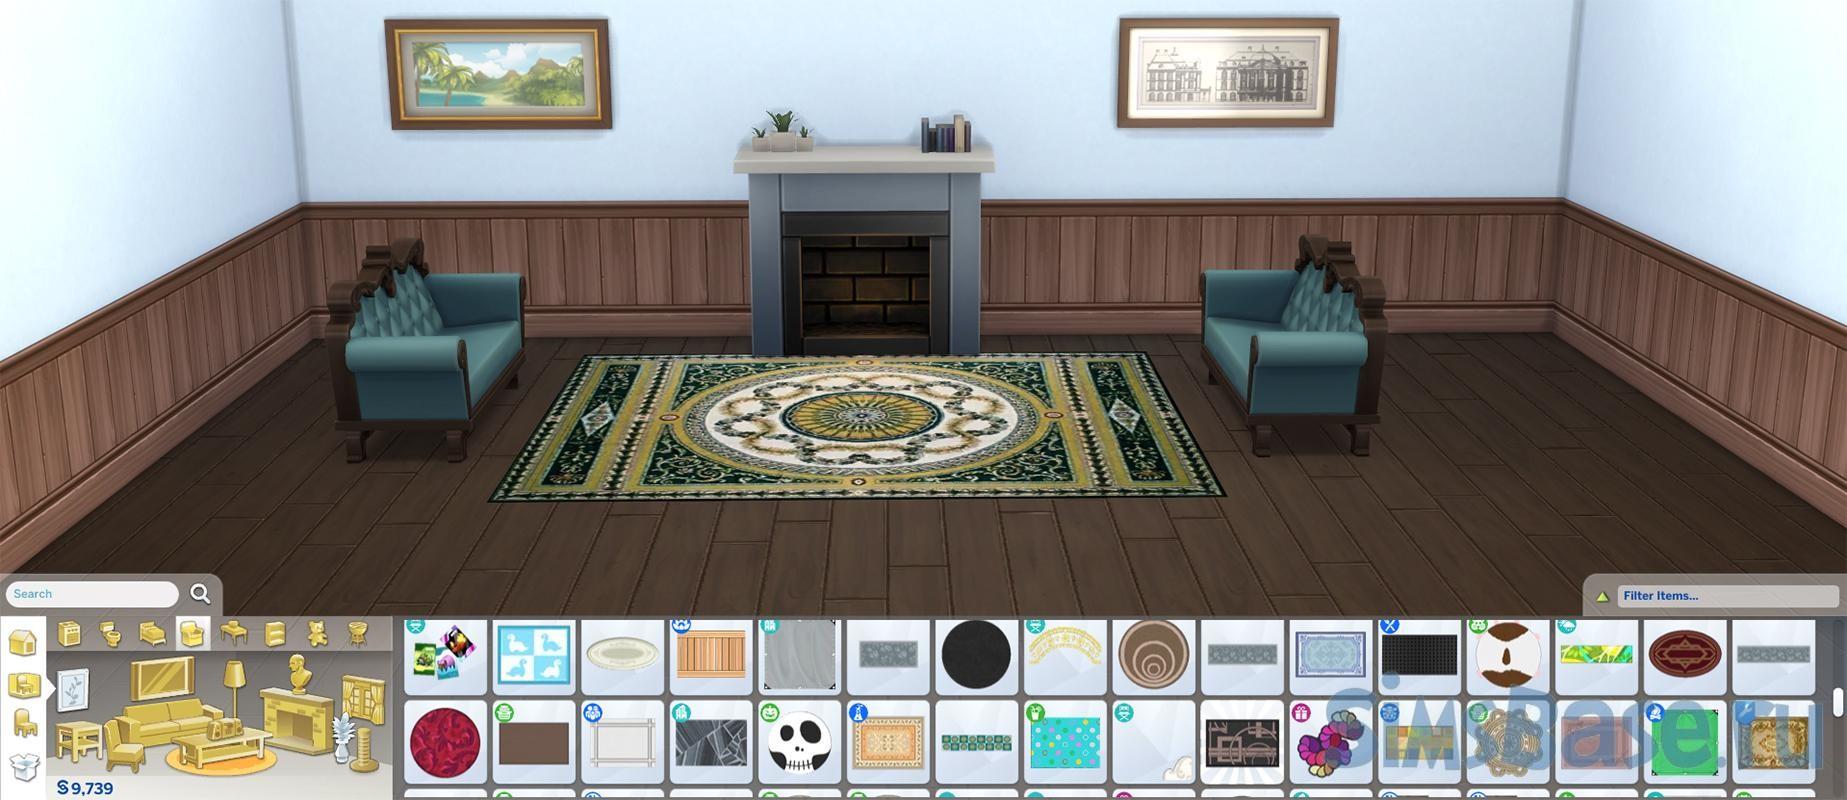 Набор элегантных ковриков Обюссон от Wicked Old Witch для Sims 4